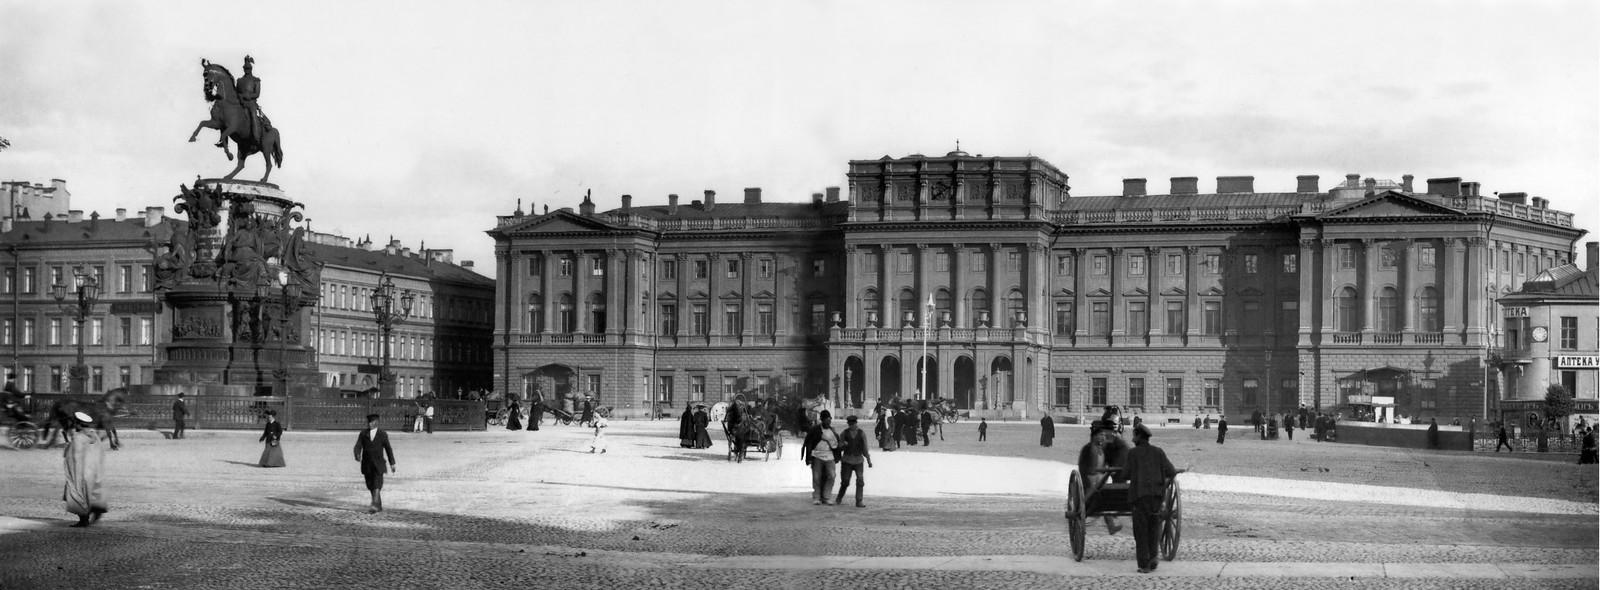 Мариинский дворец и памятник Николаю I